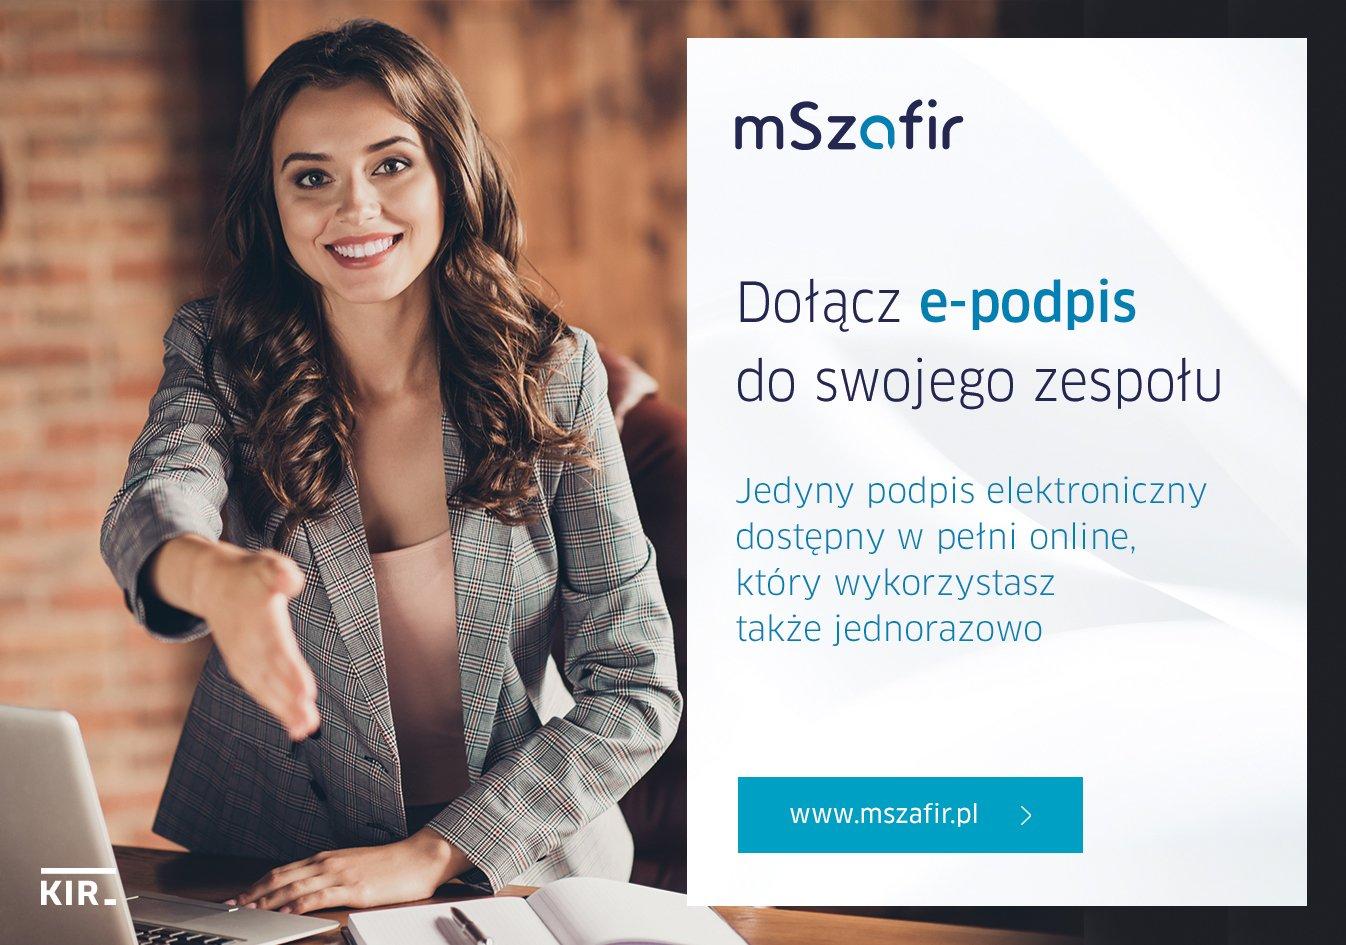 E-podpis sposobem na sprawne funkcjonowanie firm